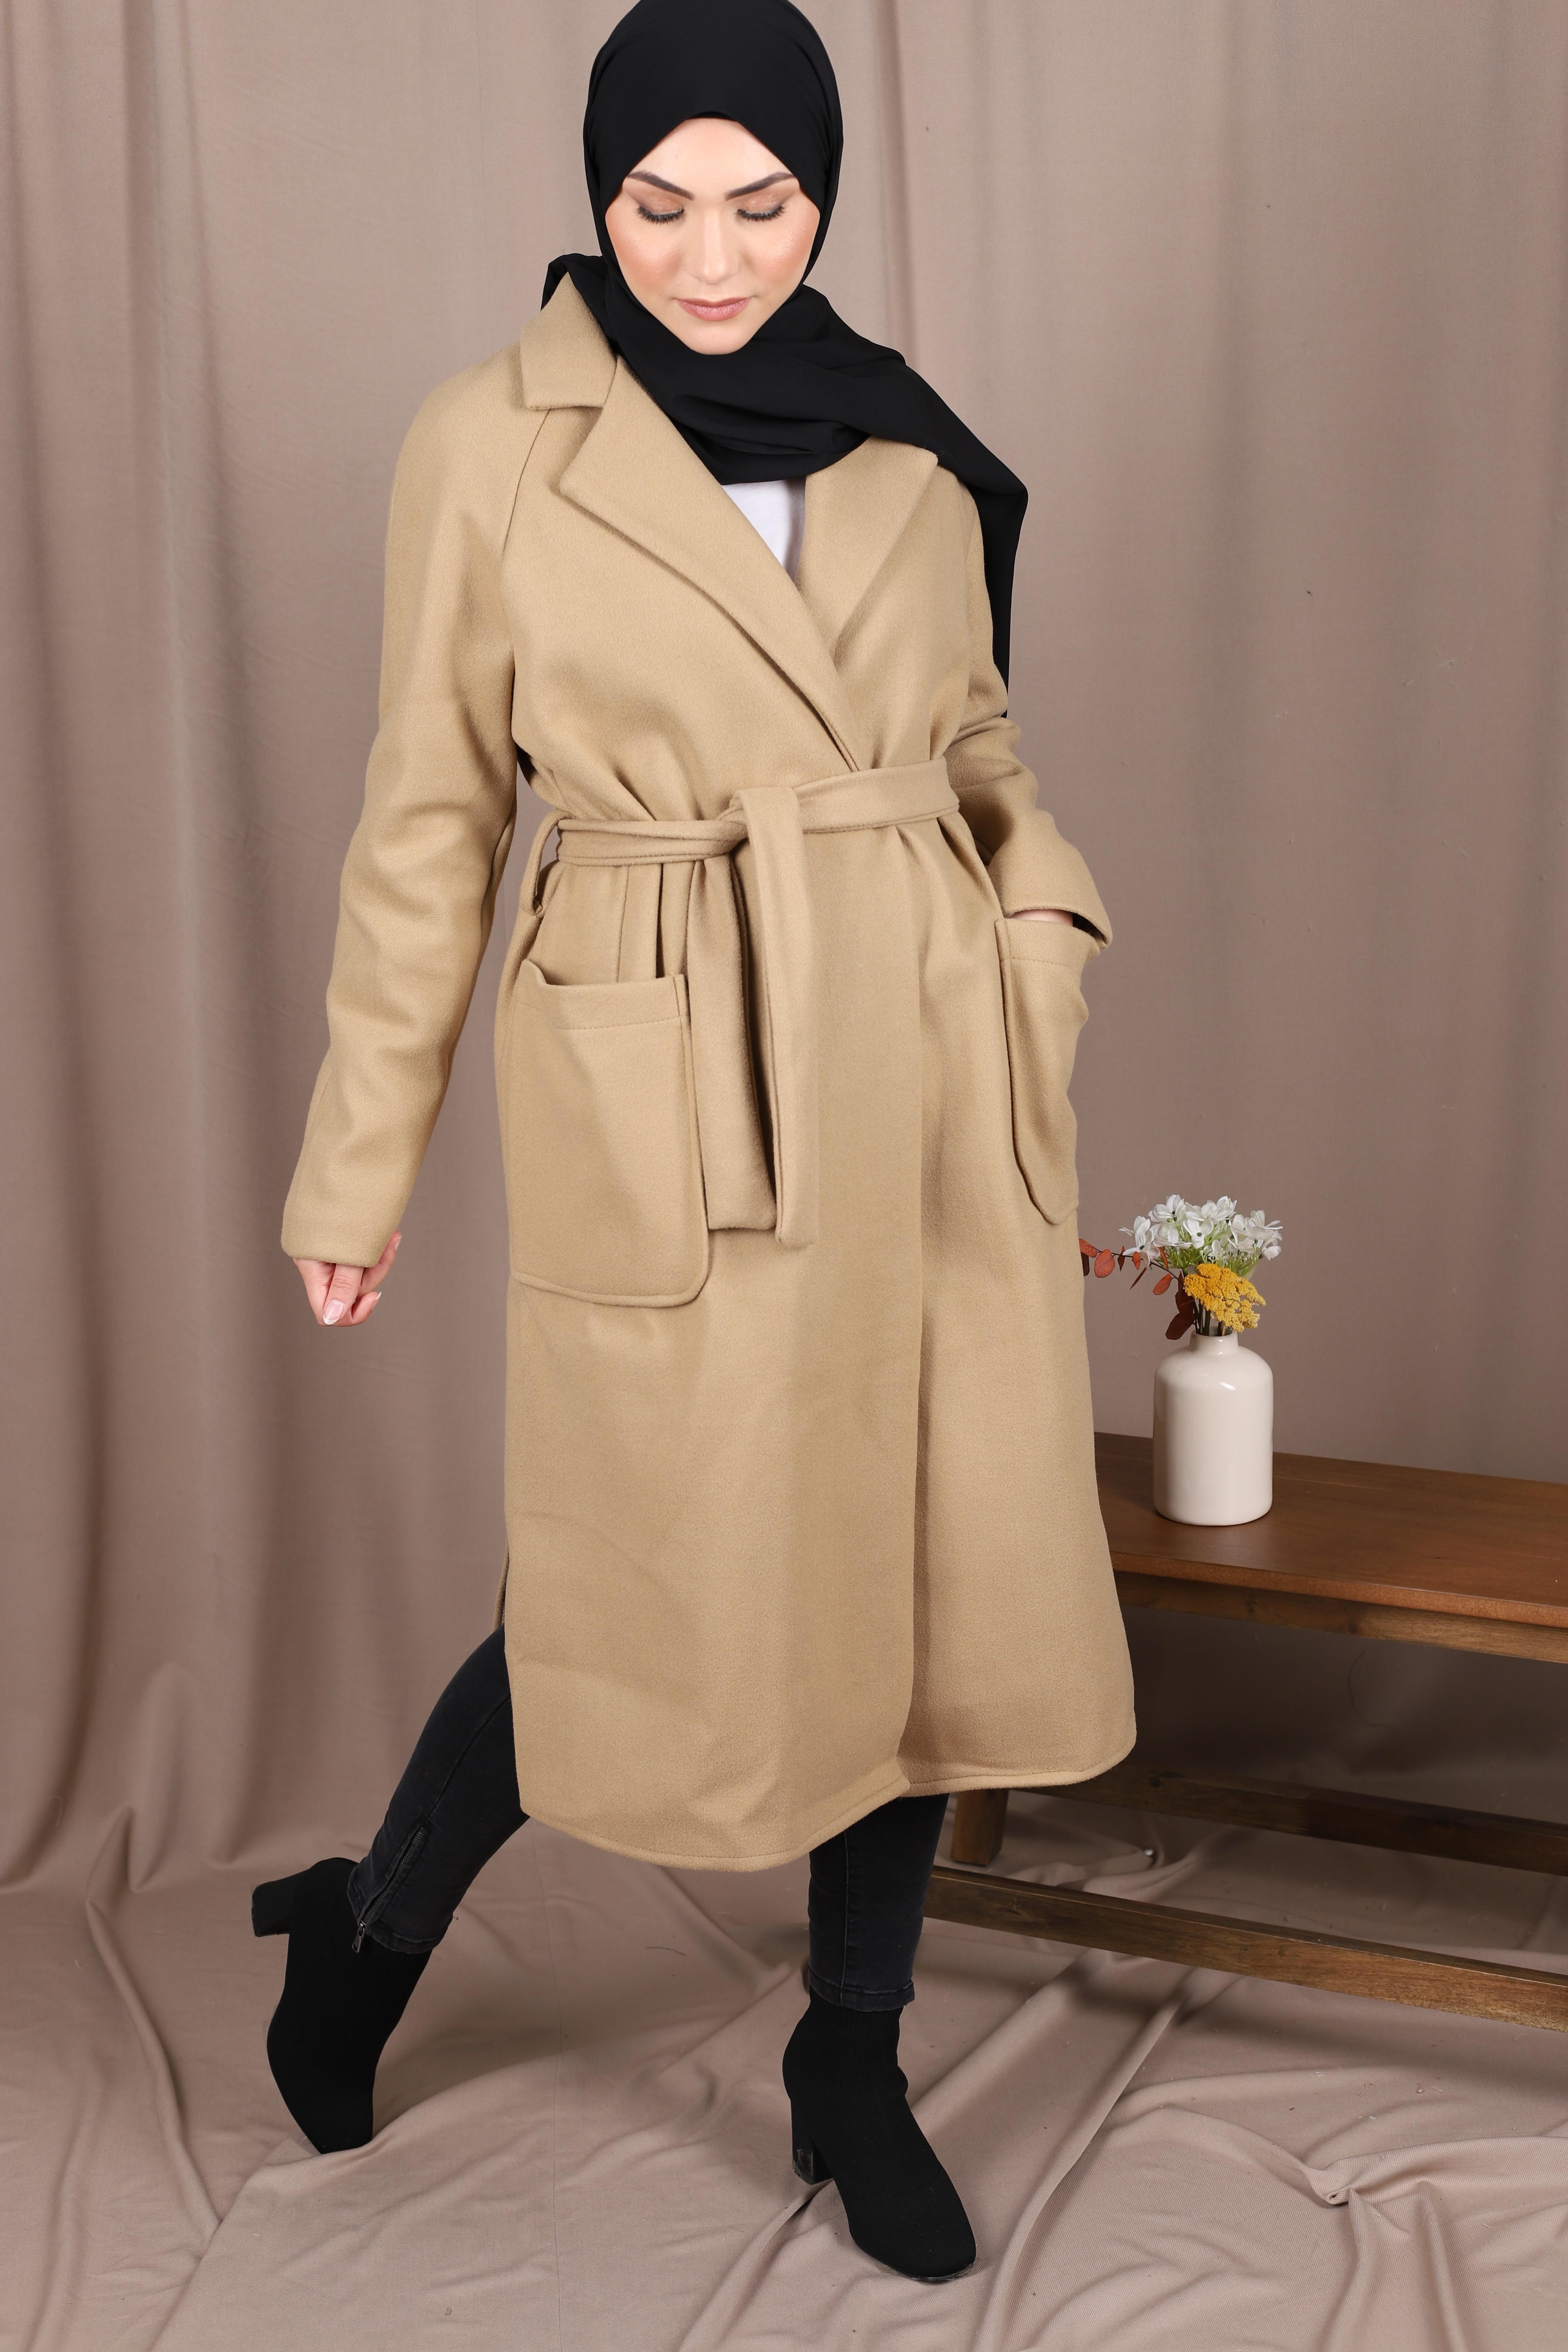 Manteau croisé beige